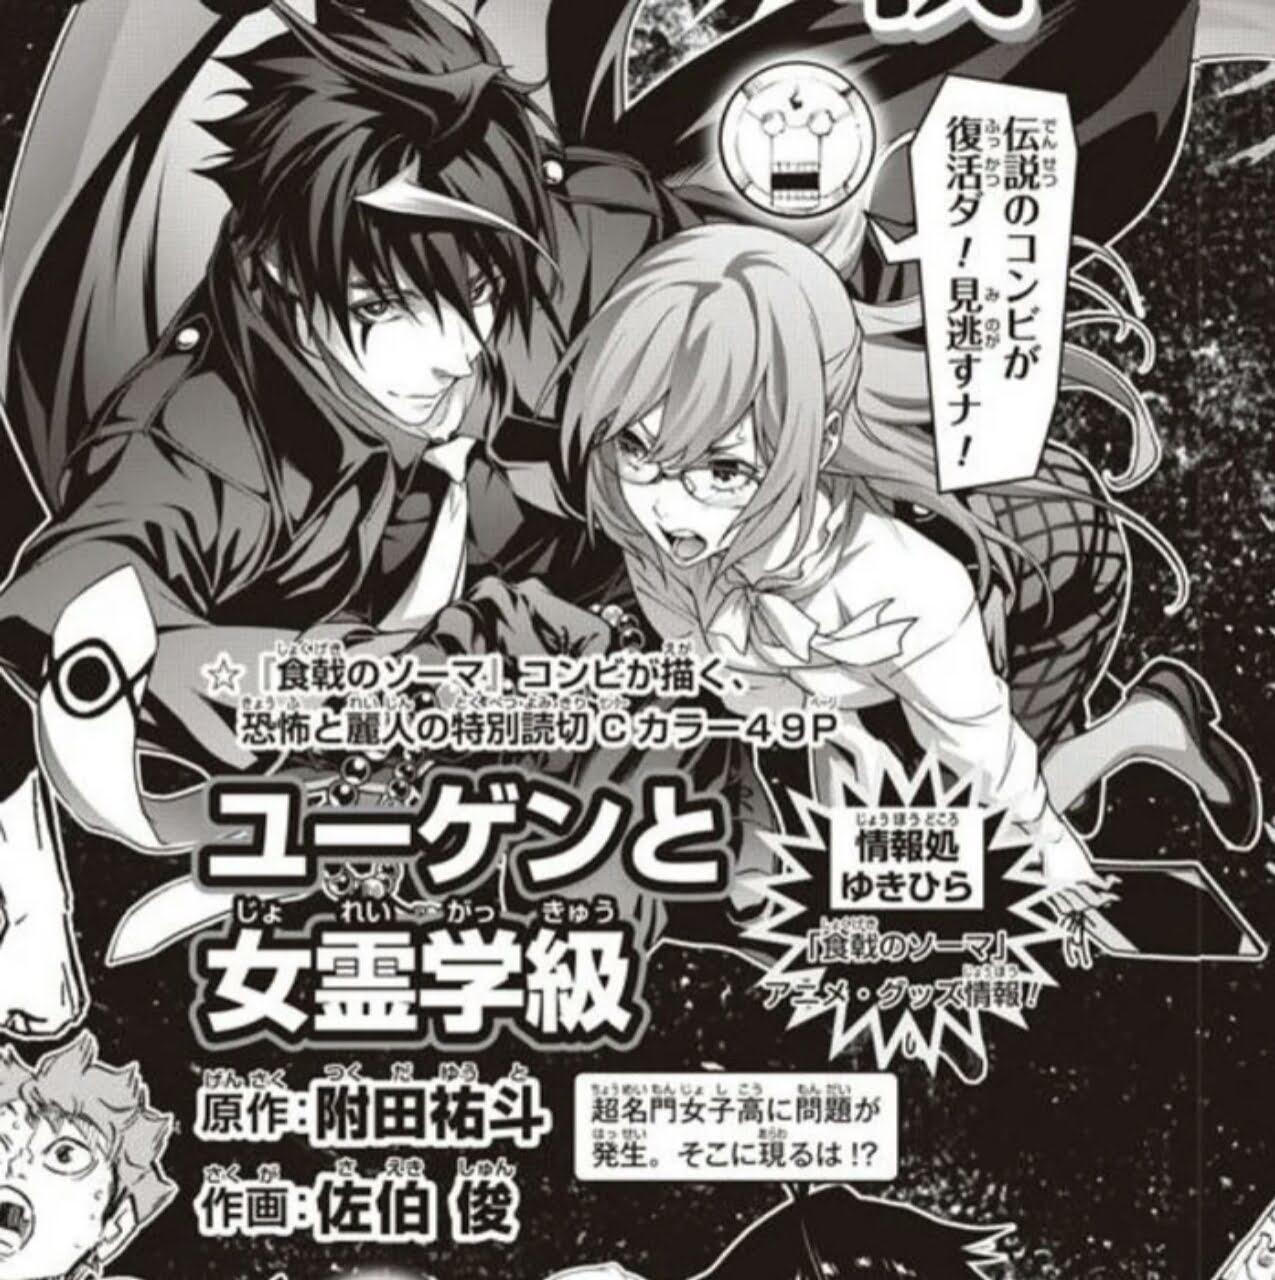 Duo Kreator Food Wars! Shokugeki no Soma Akan Menerbitkan One-Shot di Shonen Jump Pada Tanggal 25 Mei 1